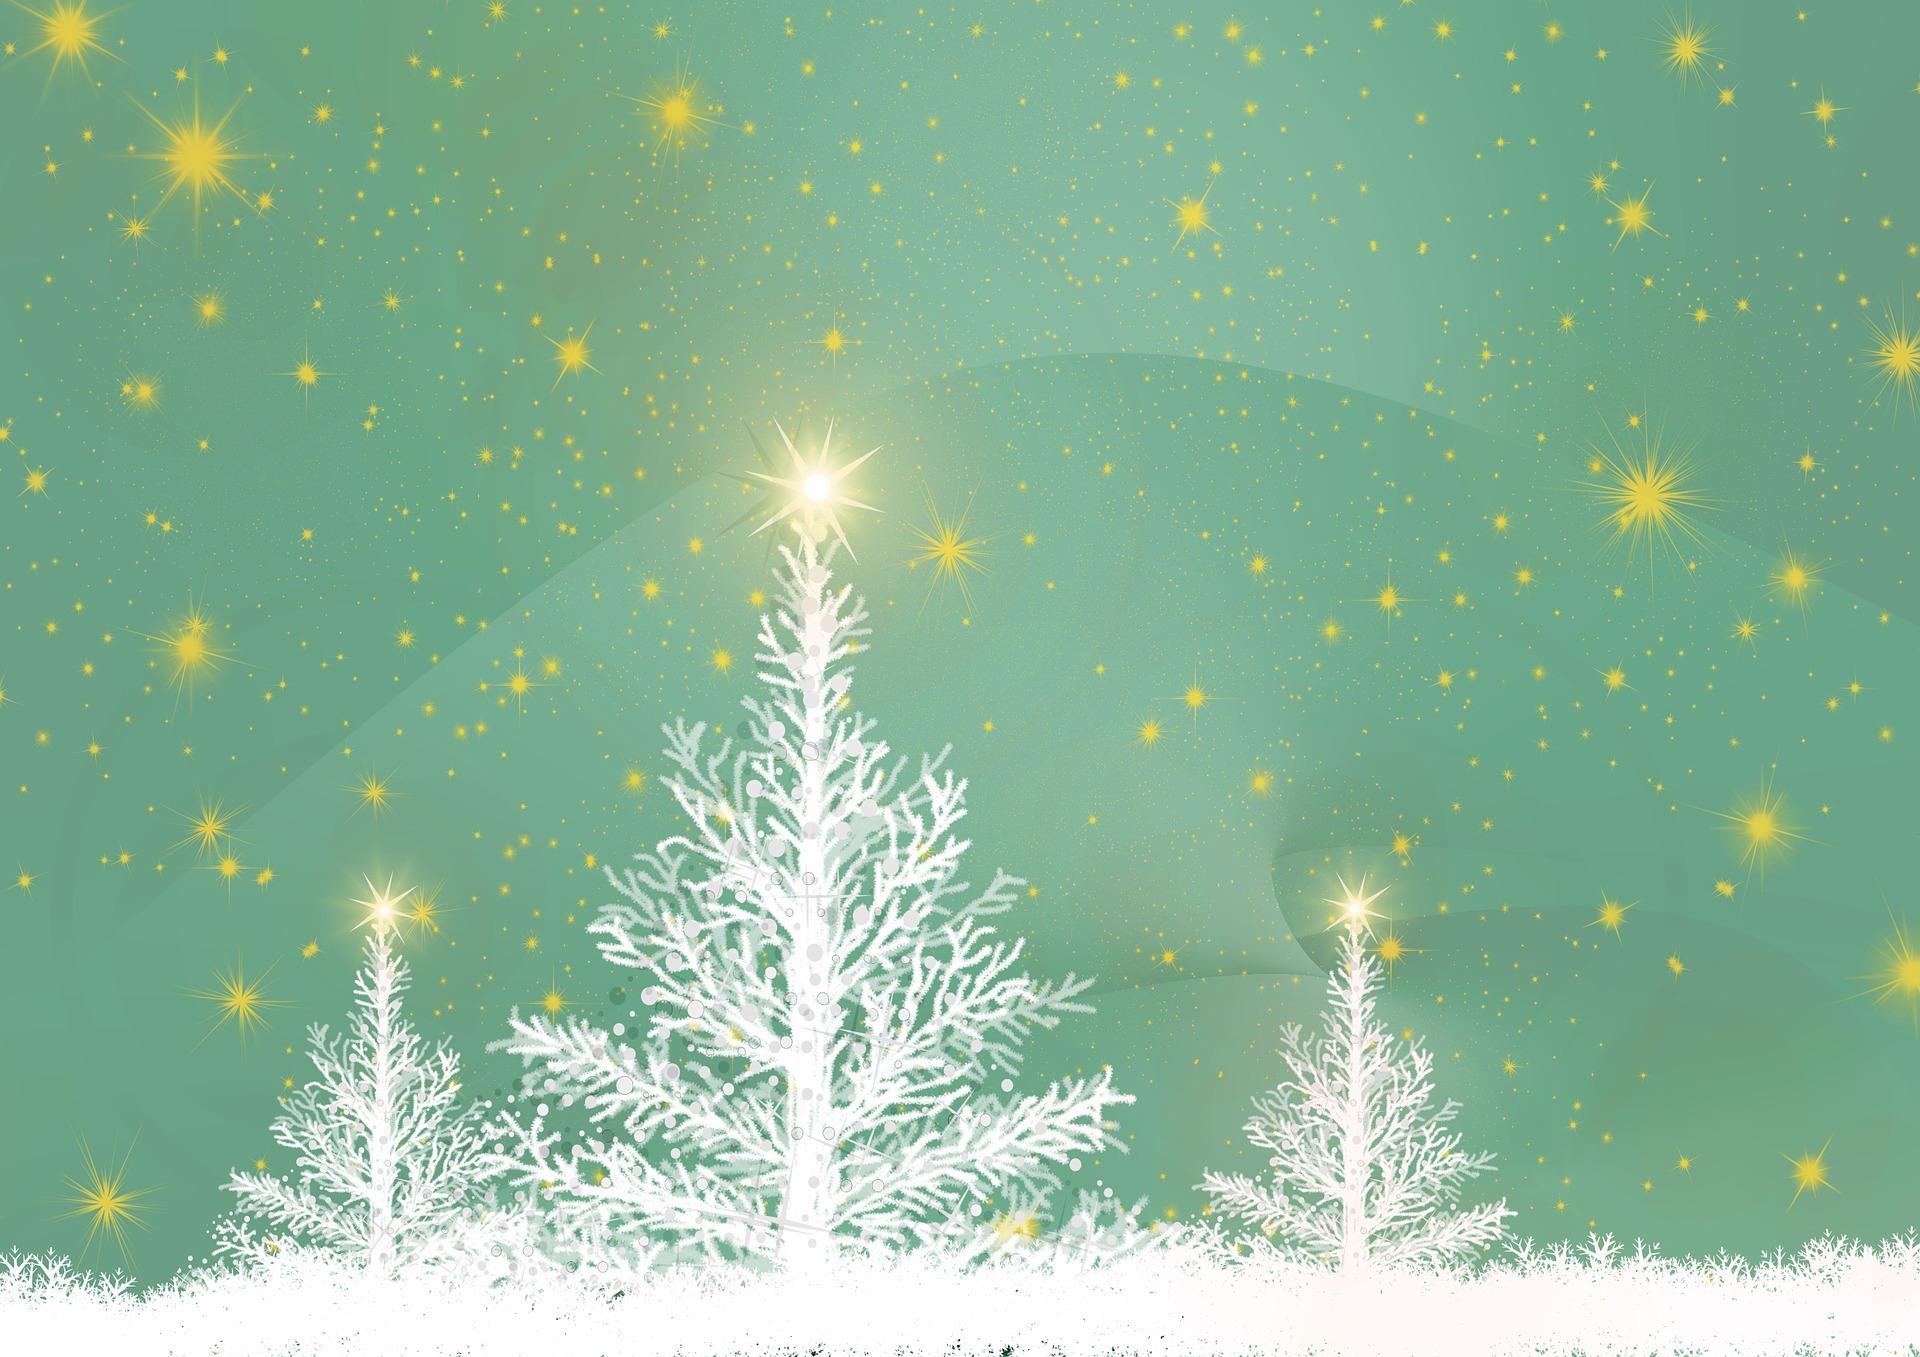 レキシントン&ボストン・クリスマス・イルミネーション・ツアー